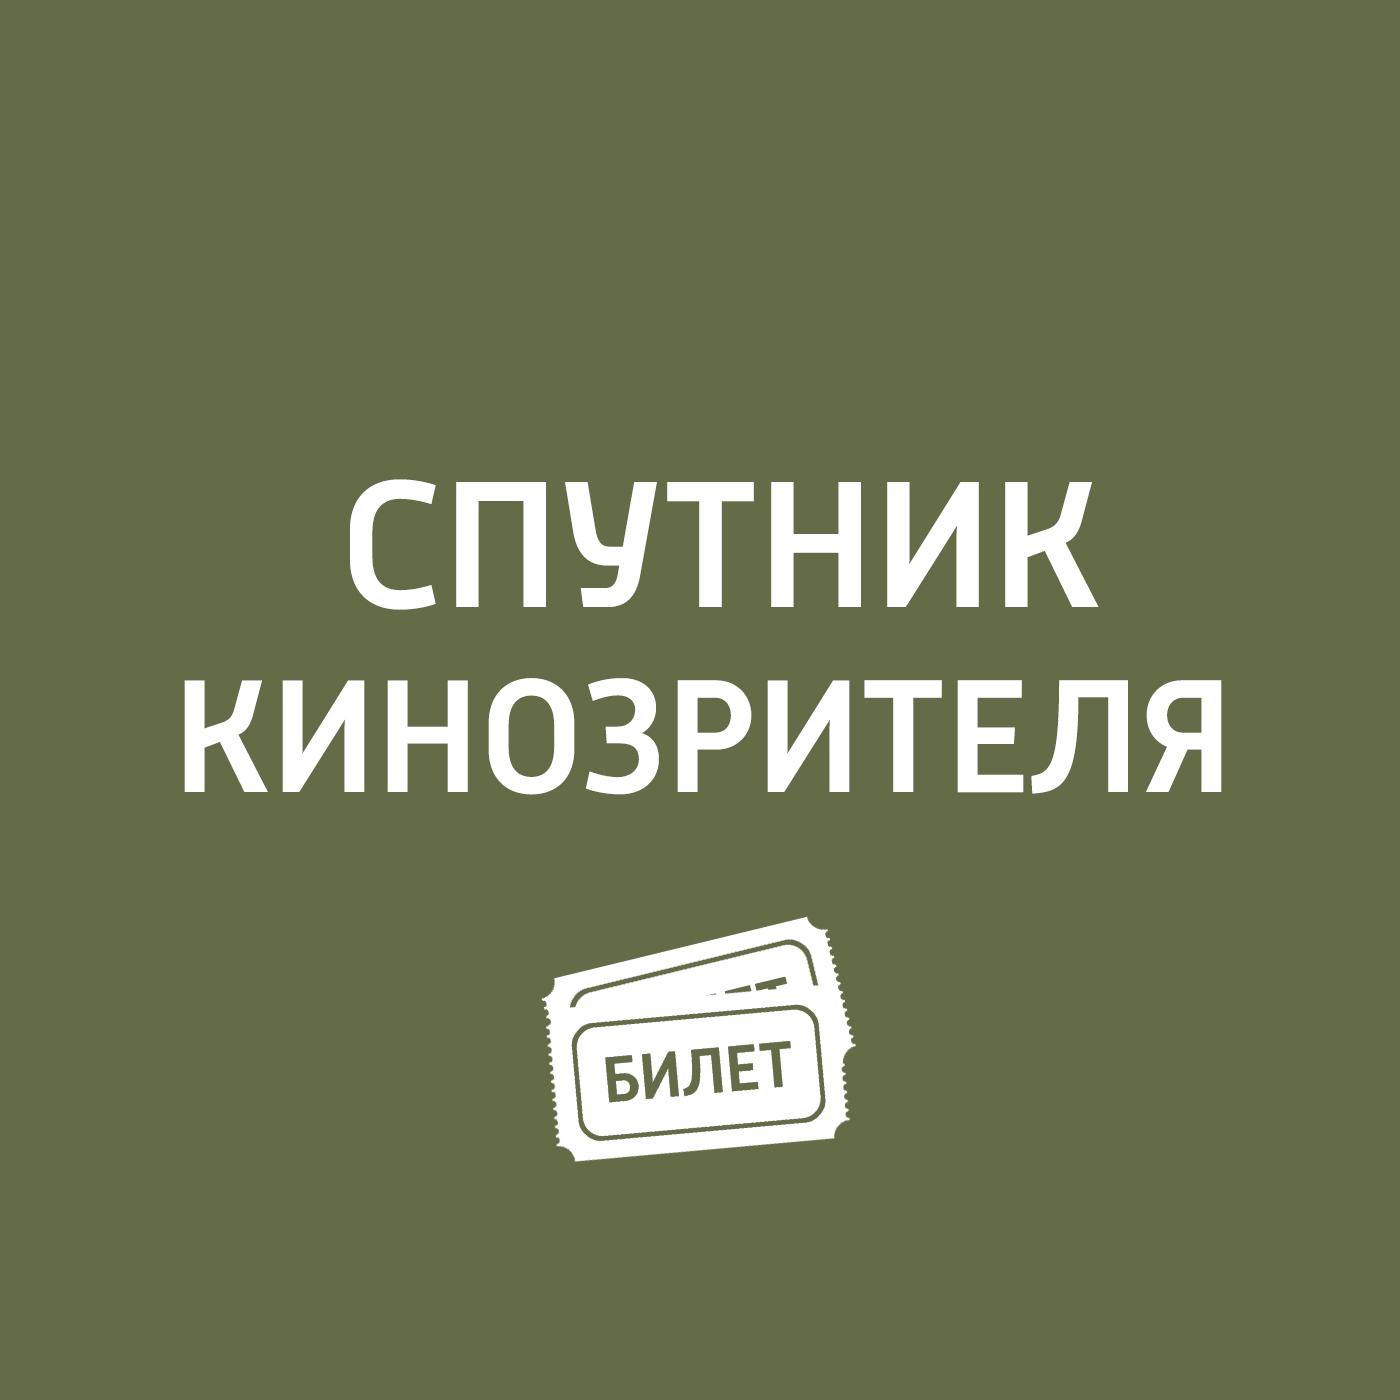 Антон Долин Итоги Венецианского кинофестиваля антон грановский место где все заканчивается